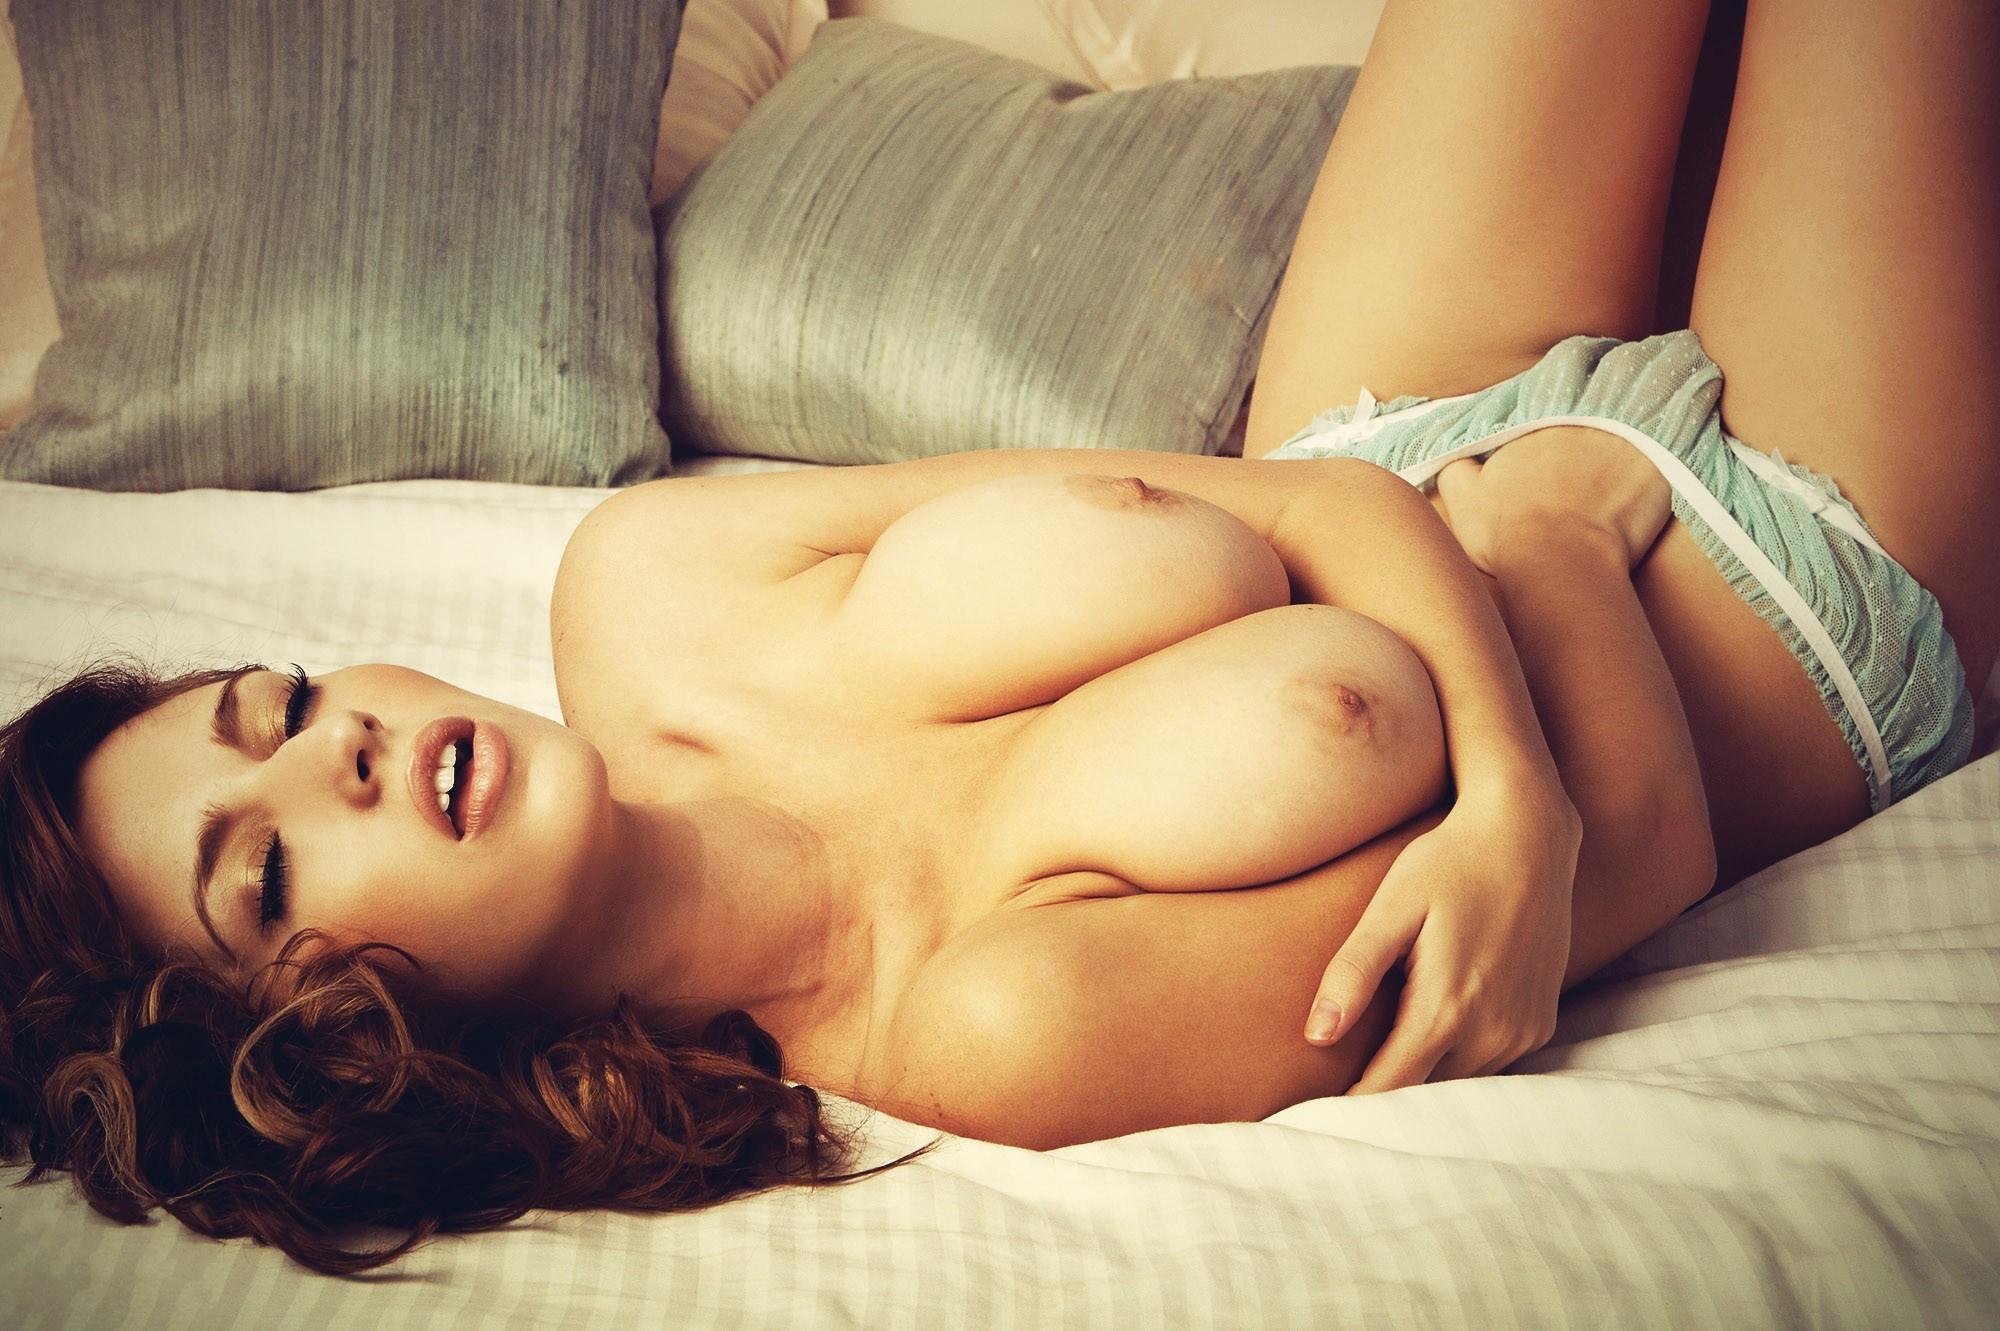 Эротик фото девушки, Эротика. Смотреть фото красивых голых девушек 18 фотография